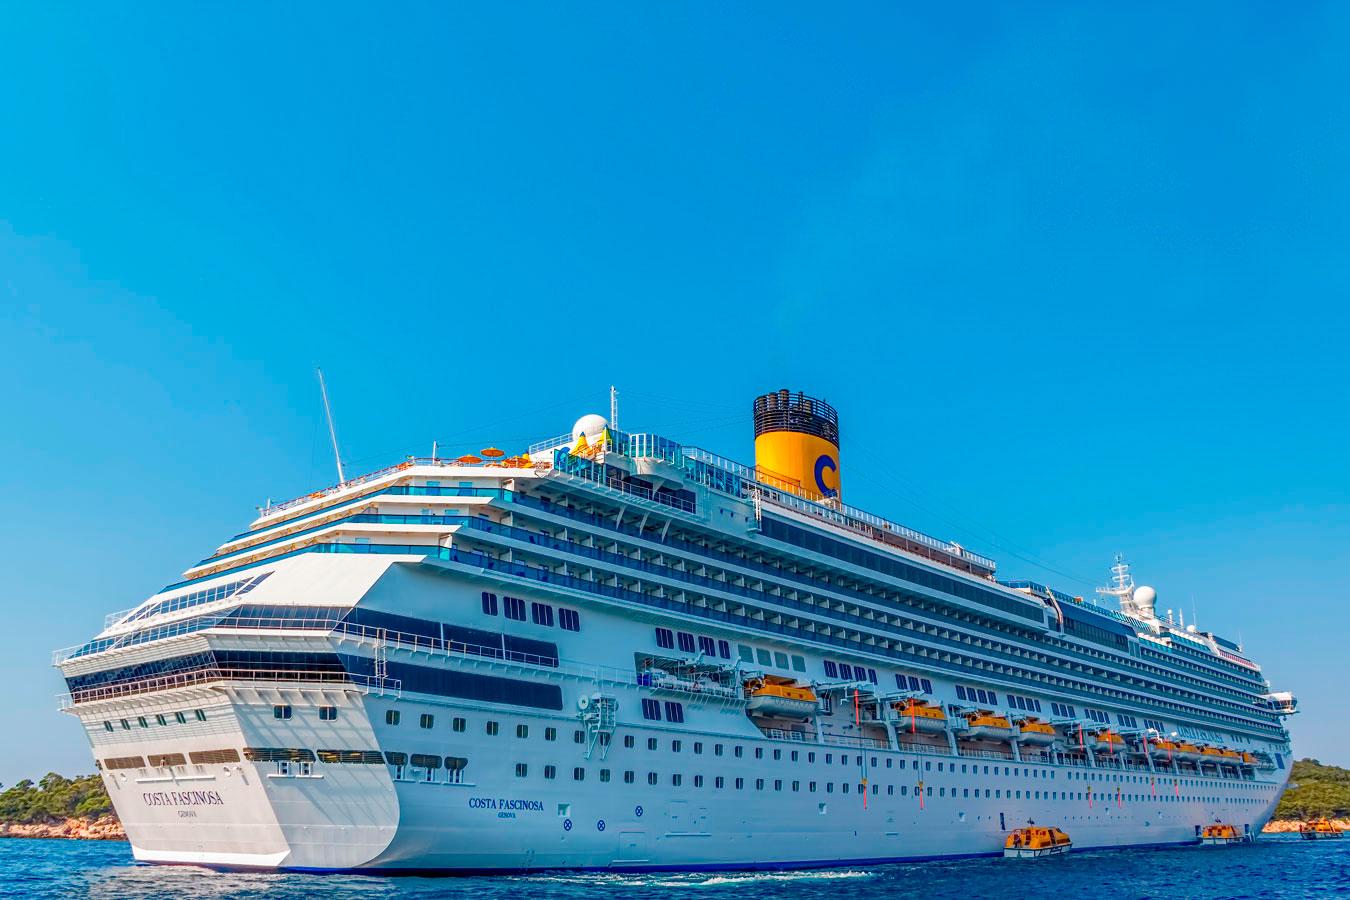 Viagem de Cruzeiro - Dicas para uma viagem de cruzeiro inesquecível